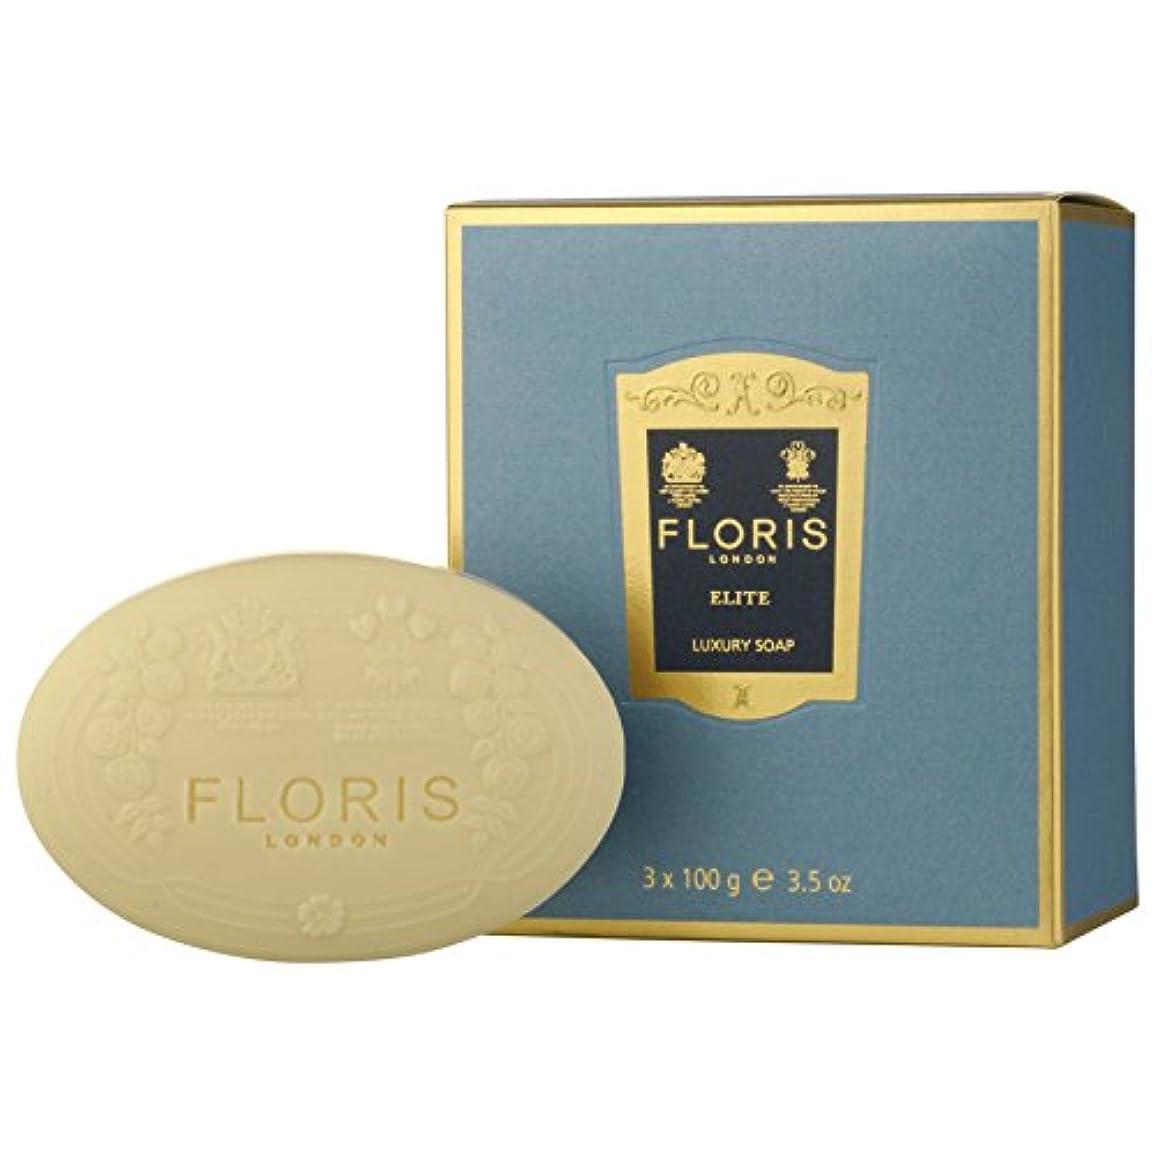 埋め込む写真撮影受け継ぐ[Floris ] フロリスエリート高級ソープ3×100グラム - Floris Elite Luxury Soap 3 x 100g [並行輸入品]